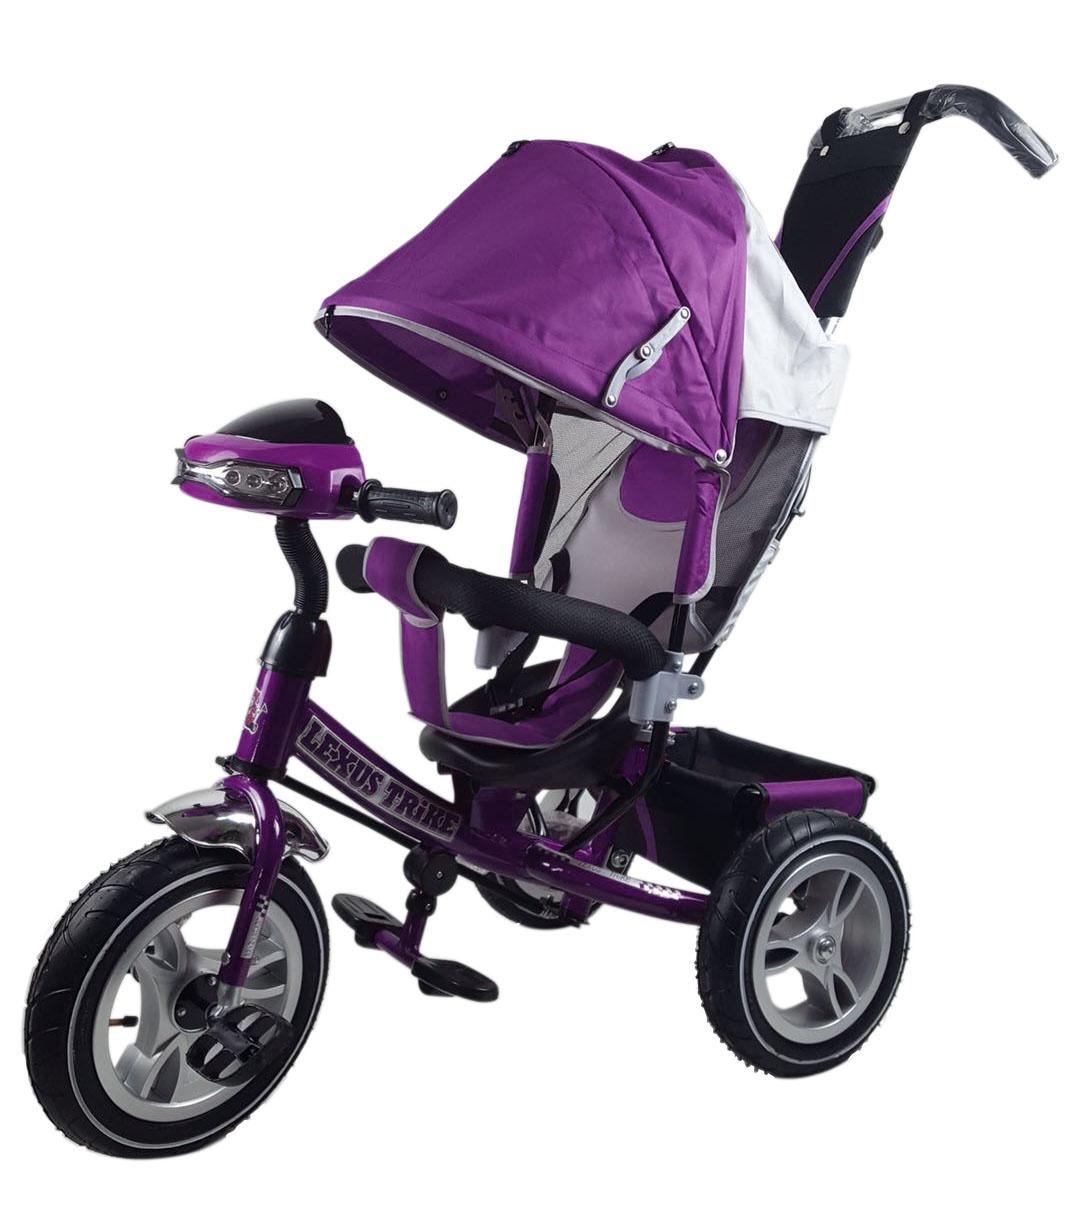 Велосипед Lexus Trike MS-0637 12/10надувные, музыкальный, фиолетовый